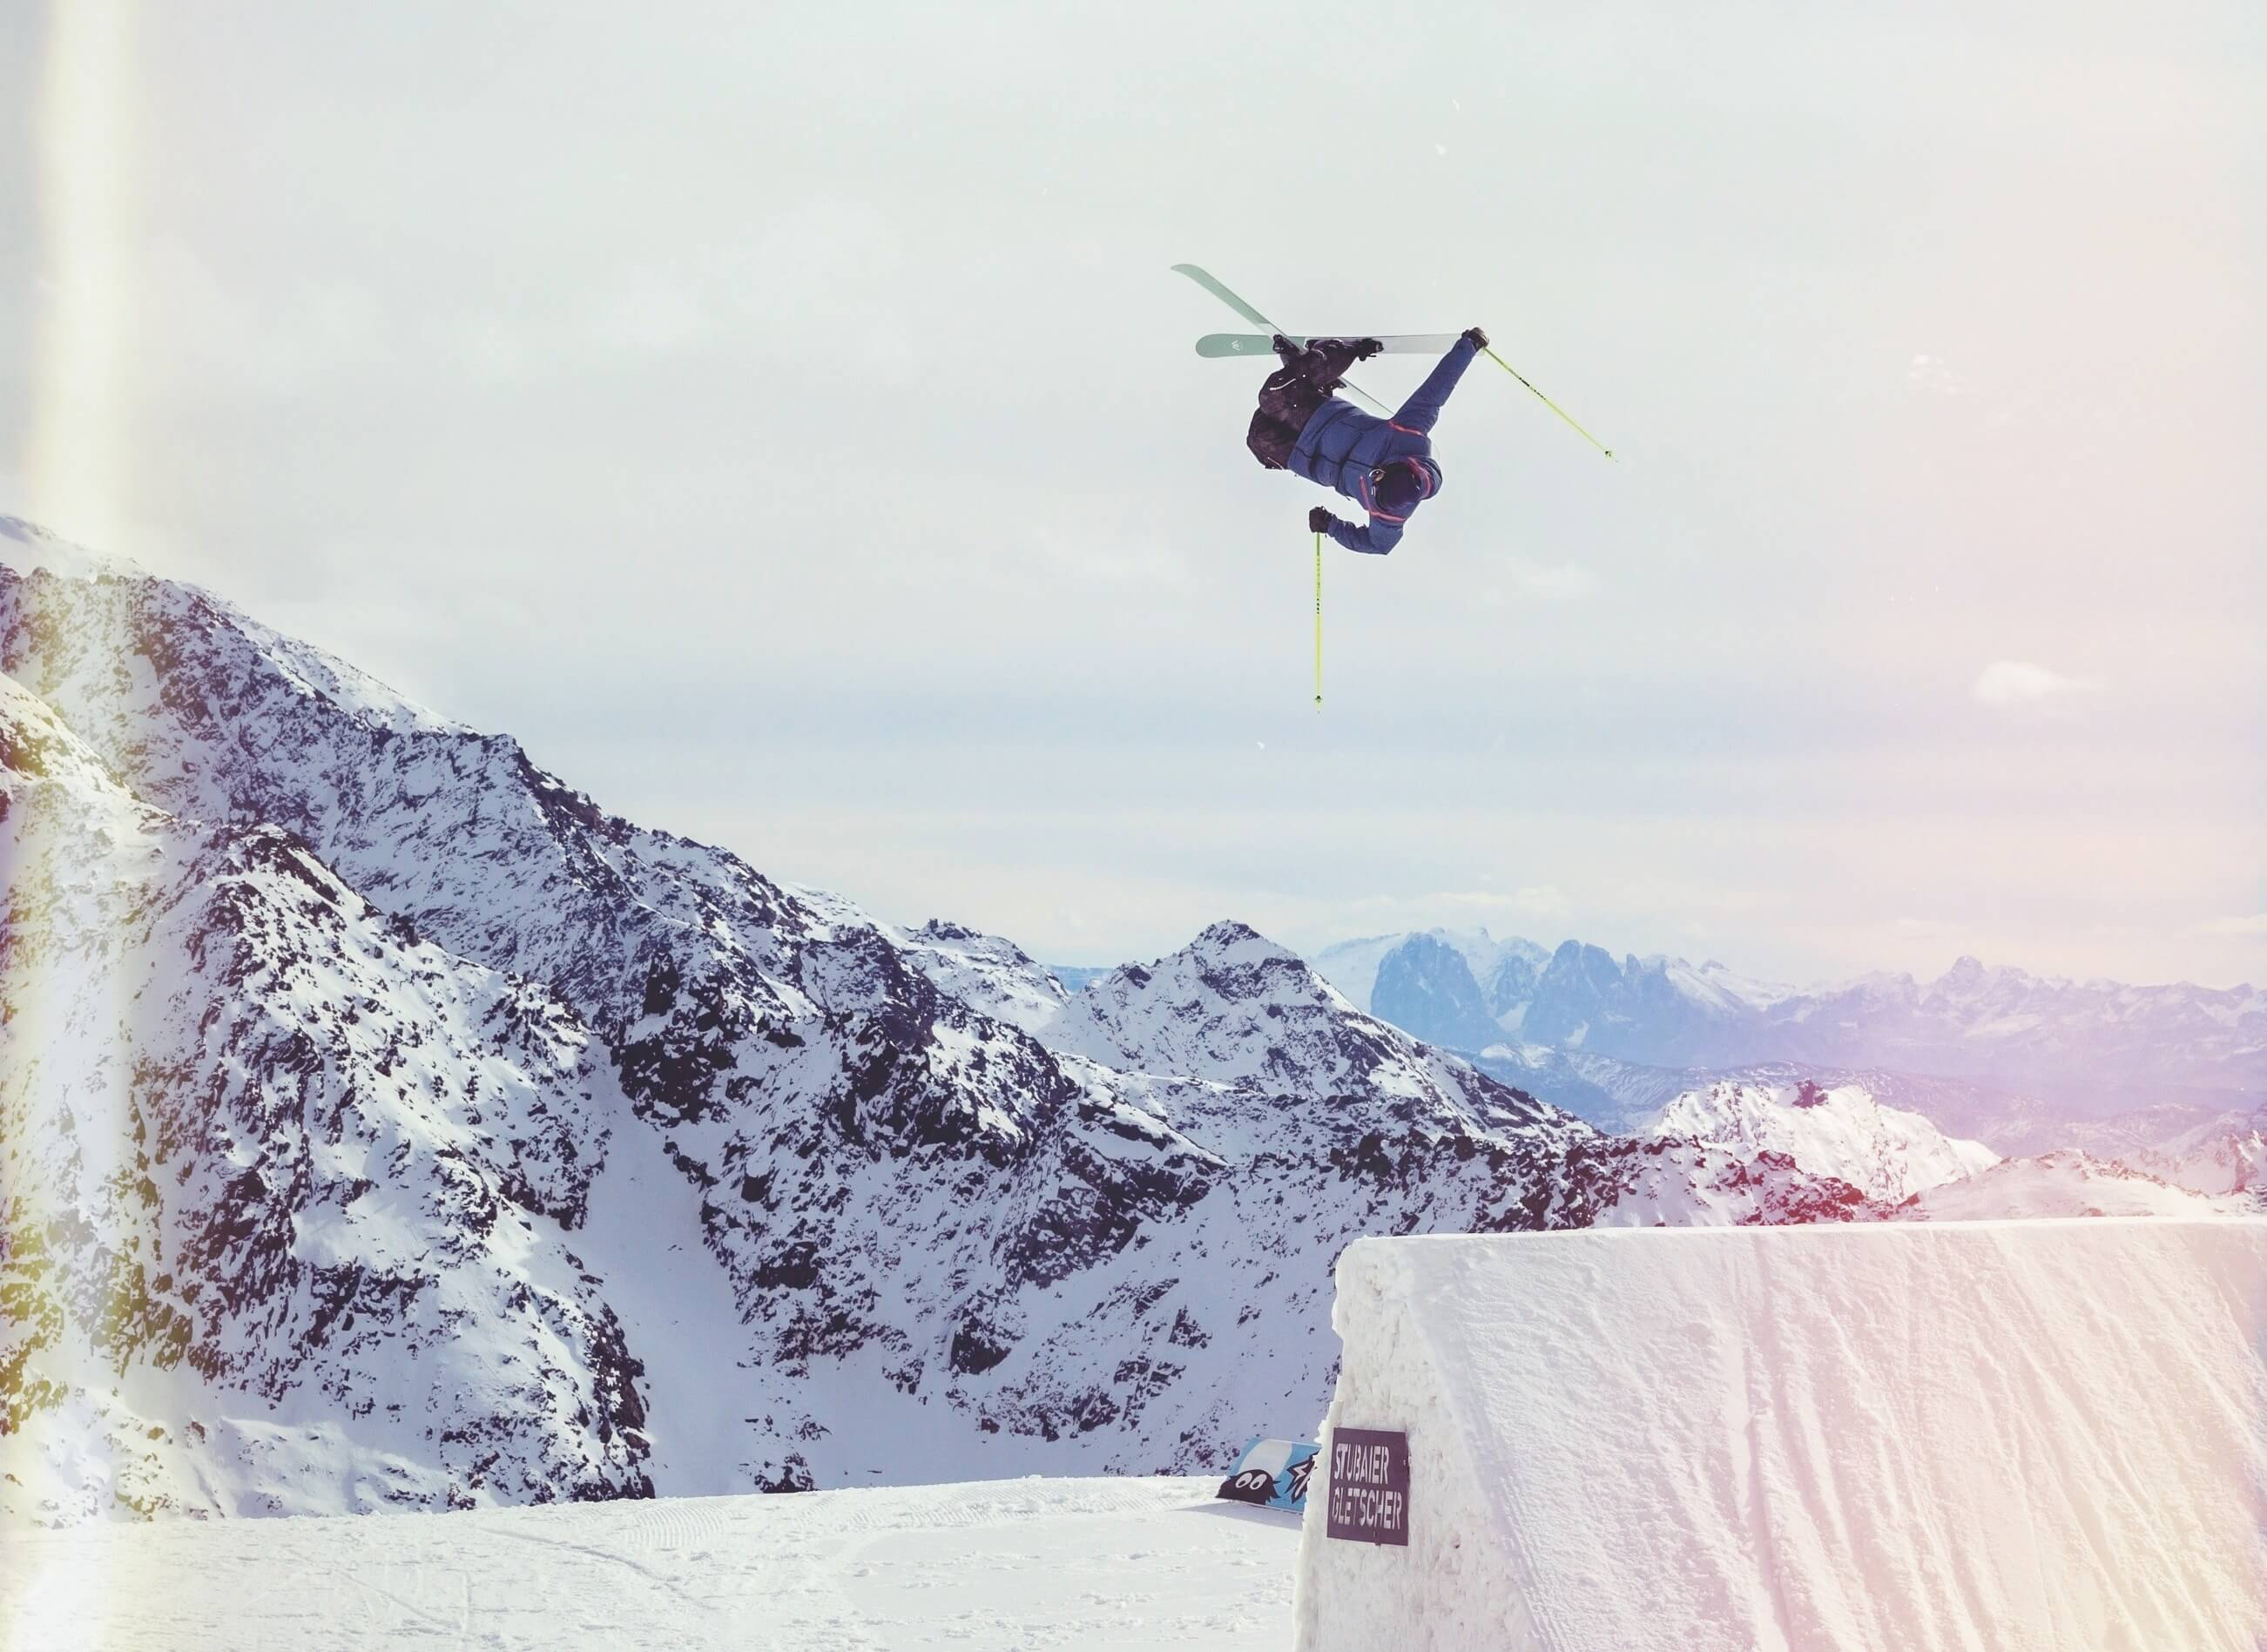 esquiar con efecto funky